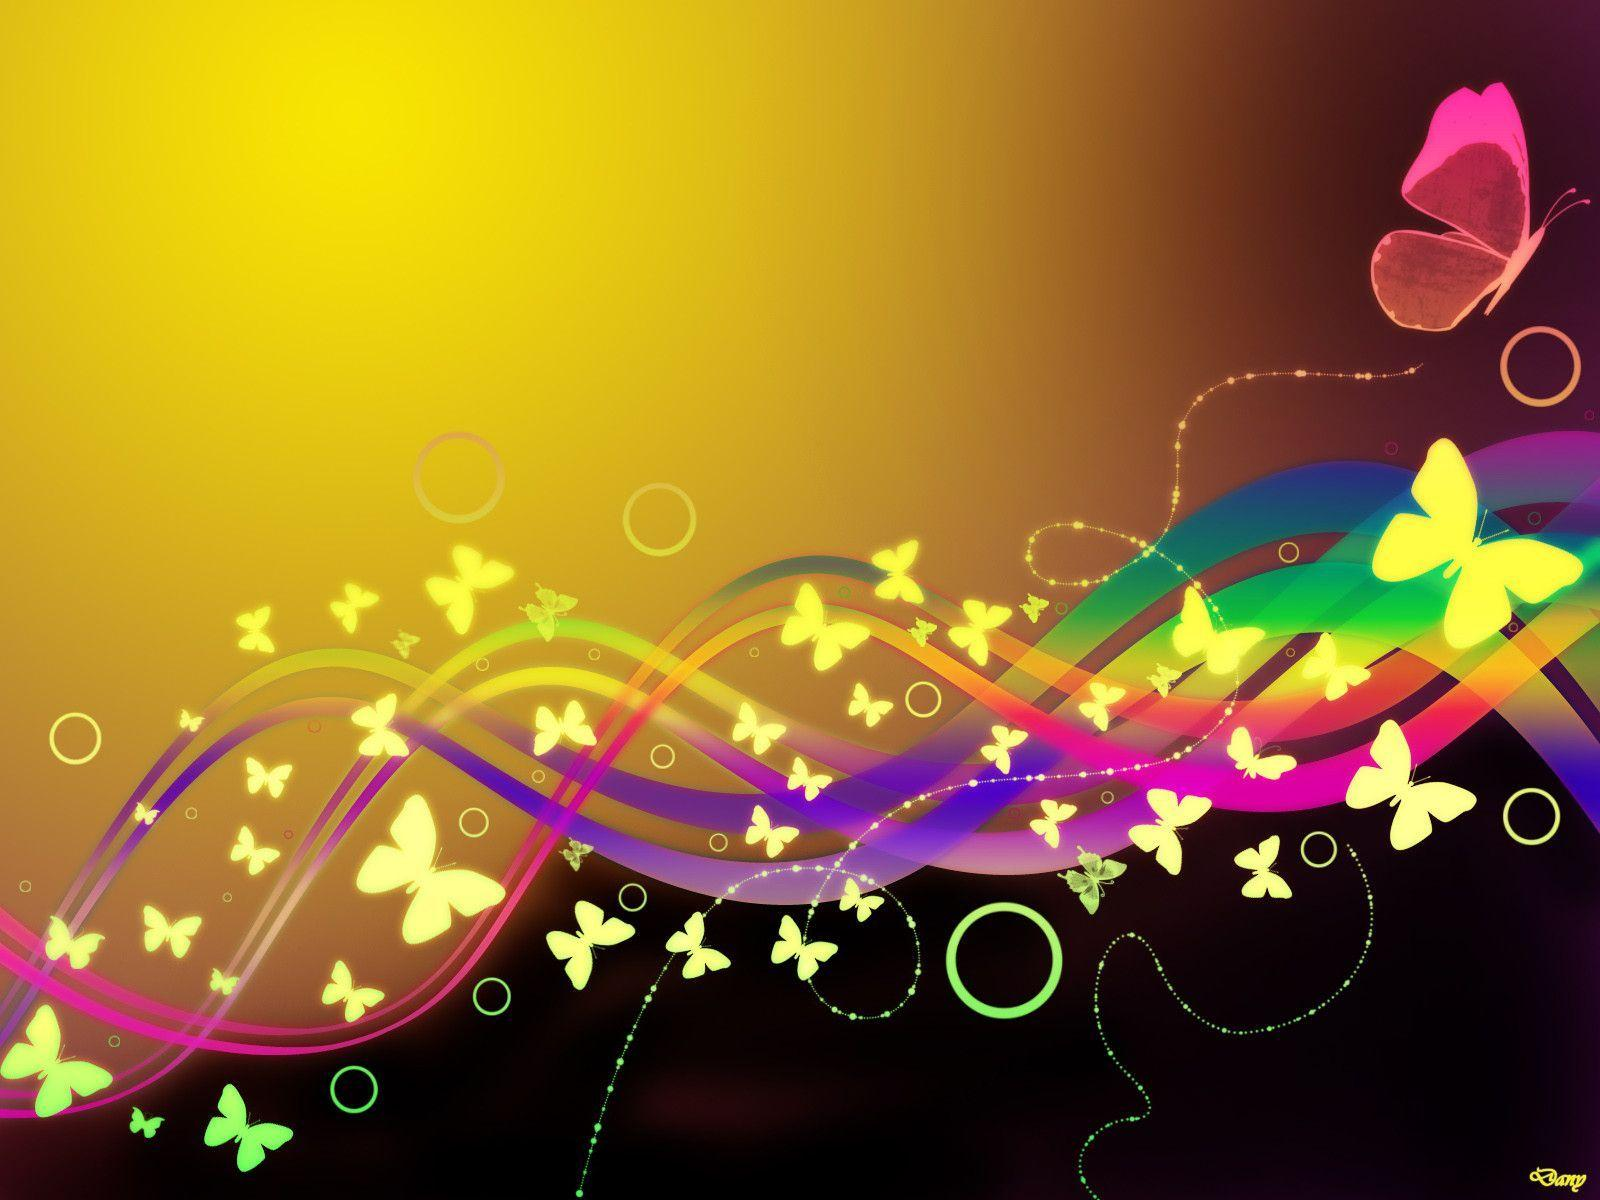 butterfly wallpaper for desktop background www